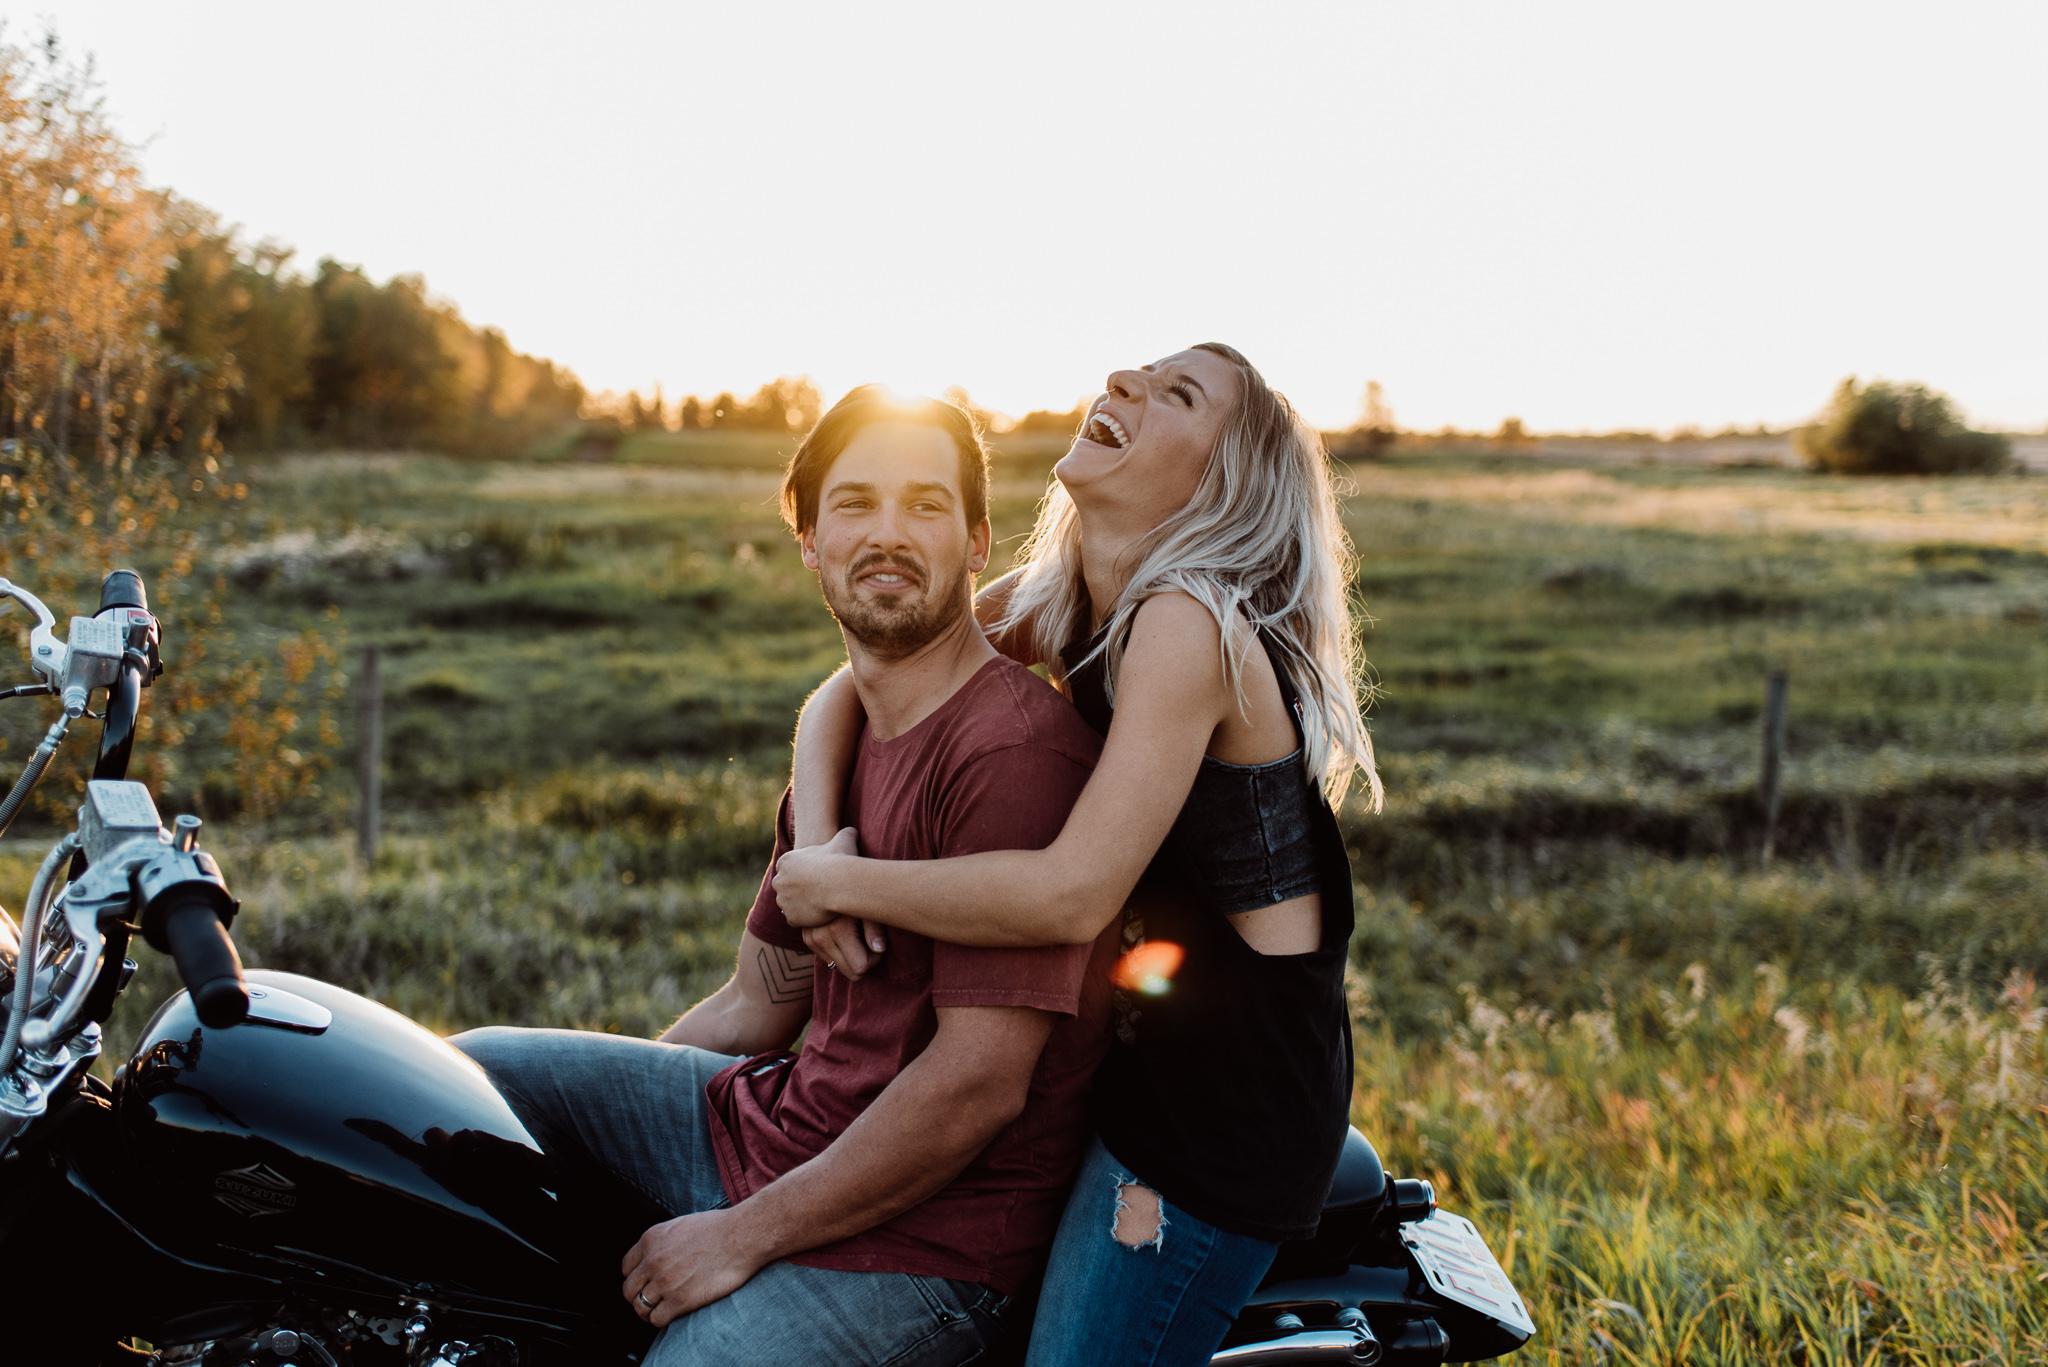 Motorcyclelovin-blog-67.jpg